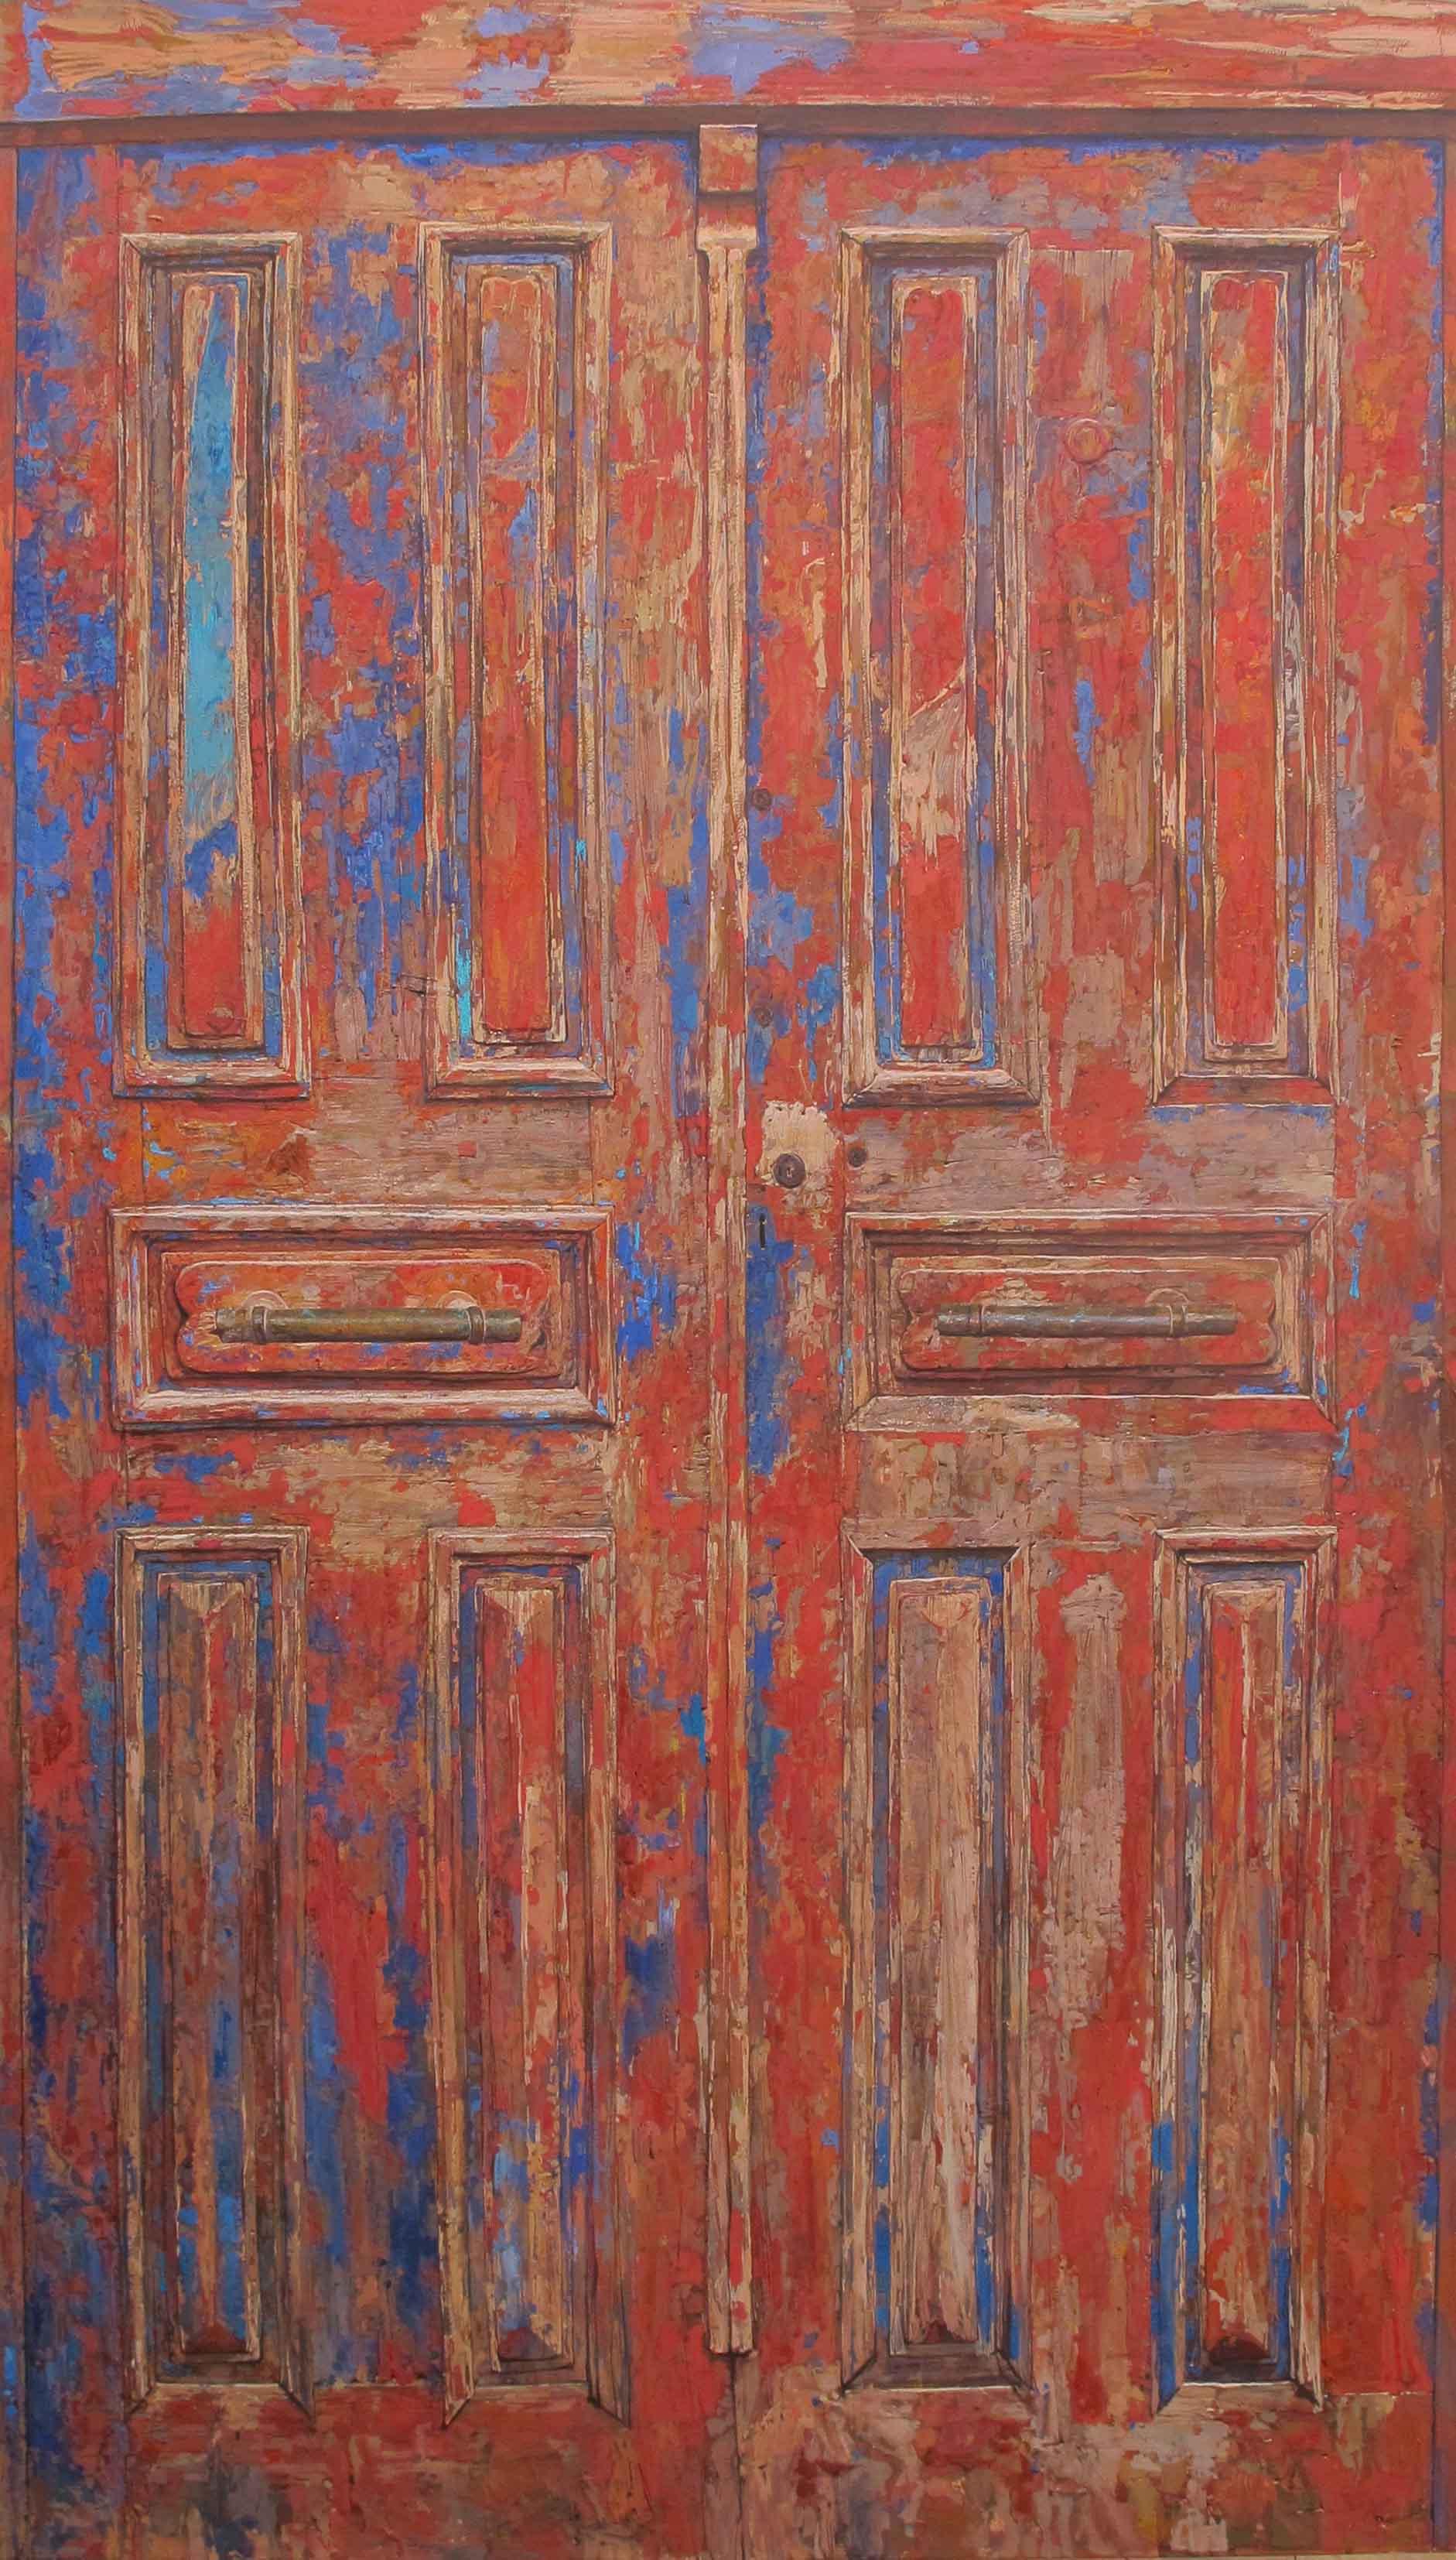 Red Door by  Daud Akhriev - Masterpiece Online